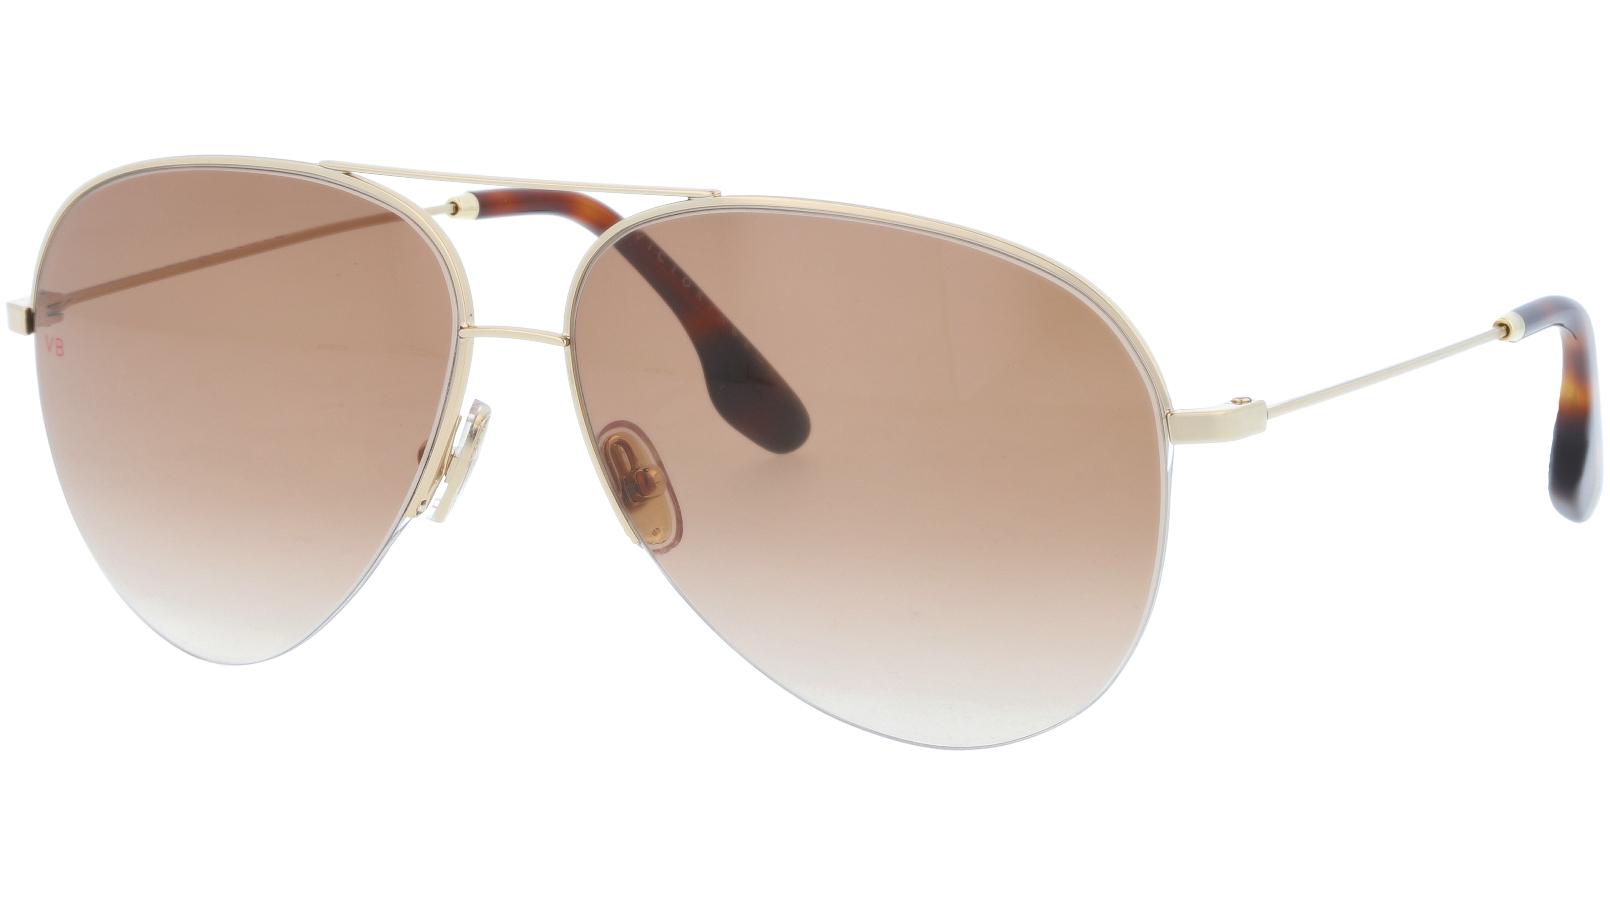 Victoria Beckham VB90S 702 62 Gold Sunglasses